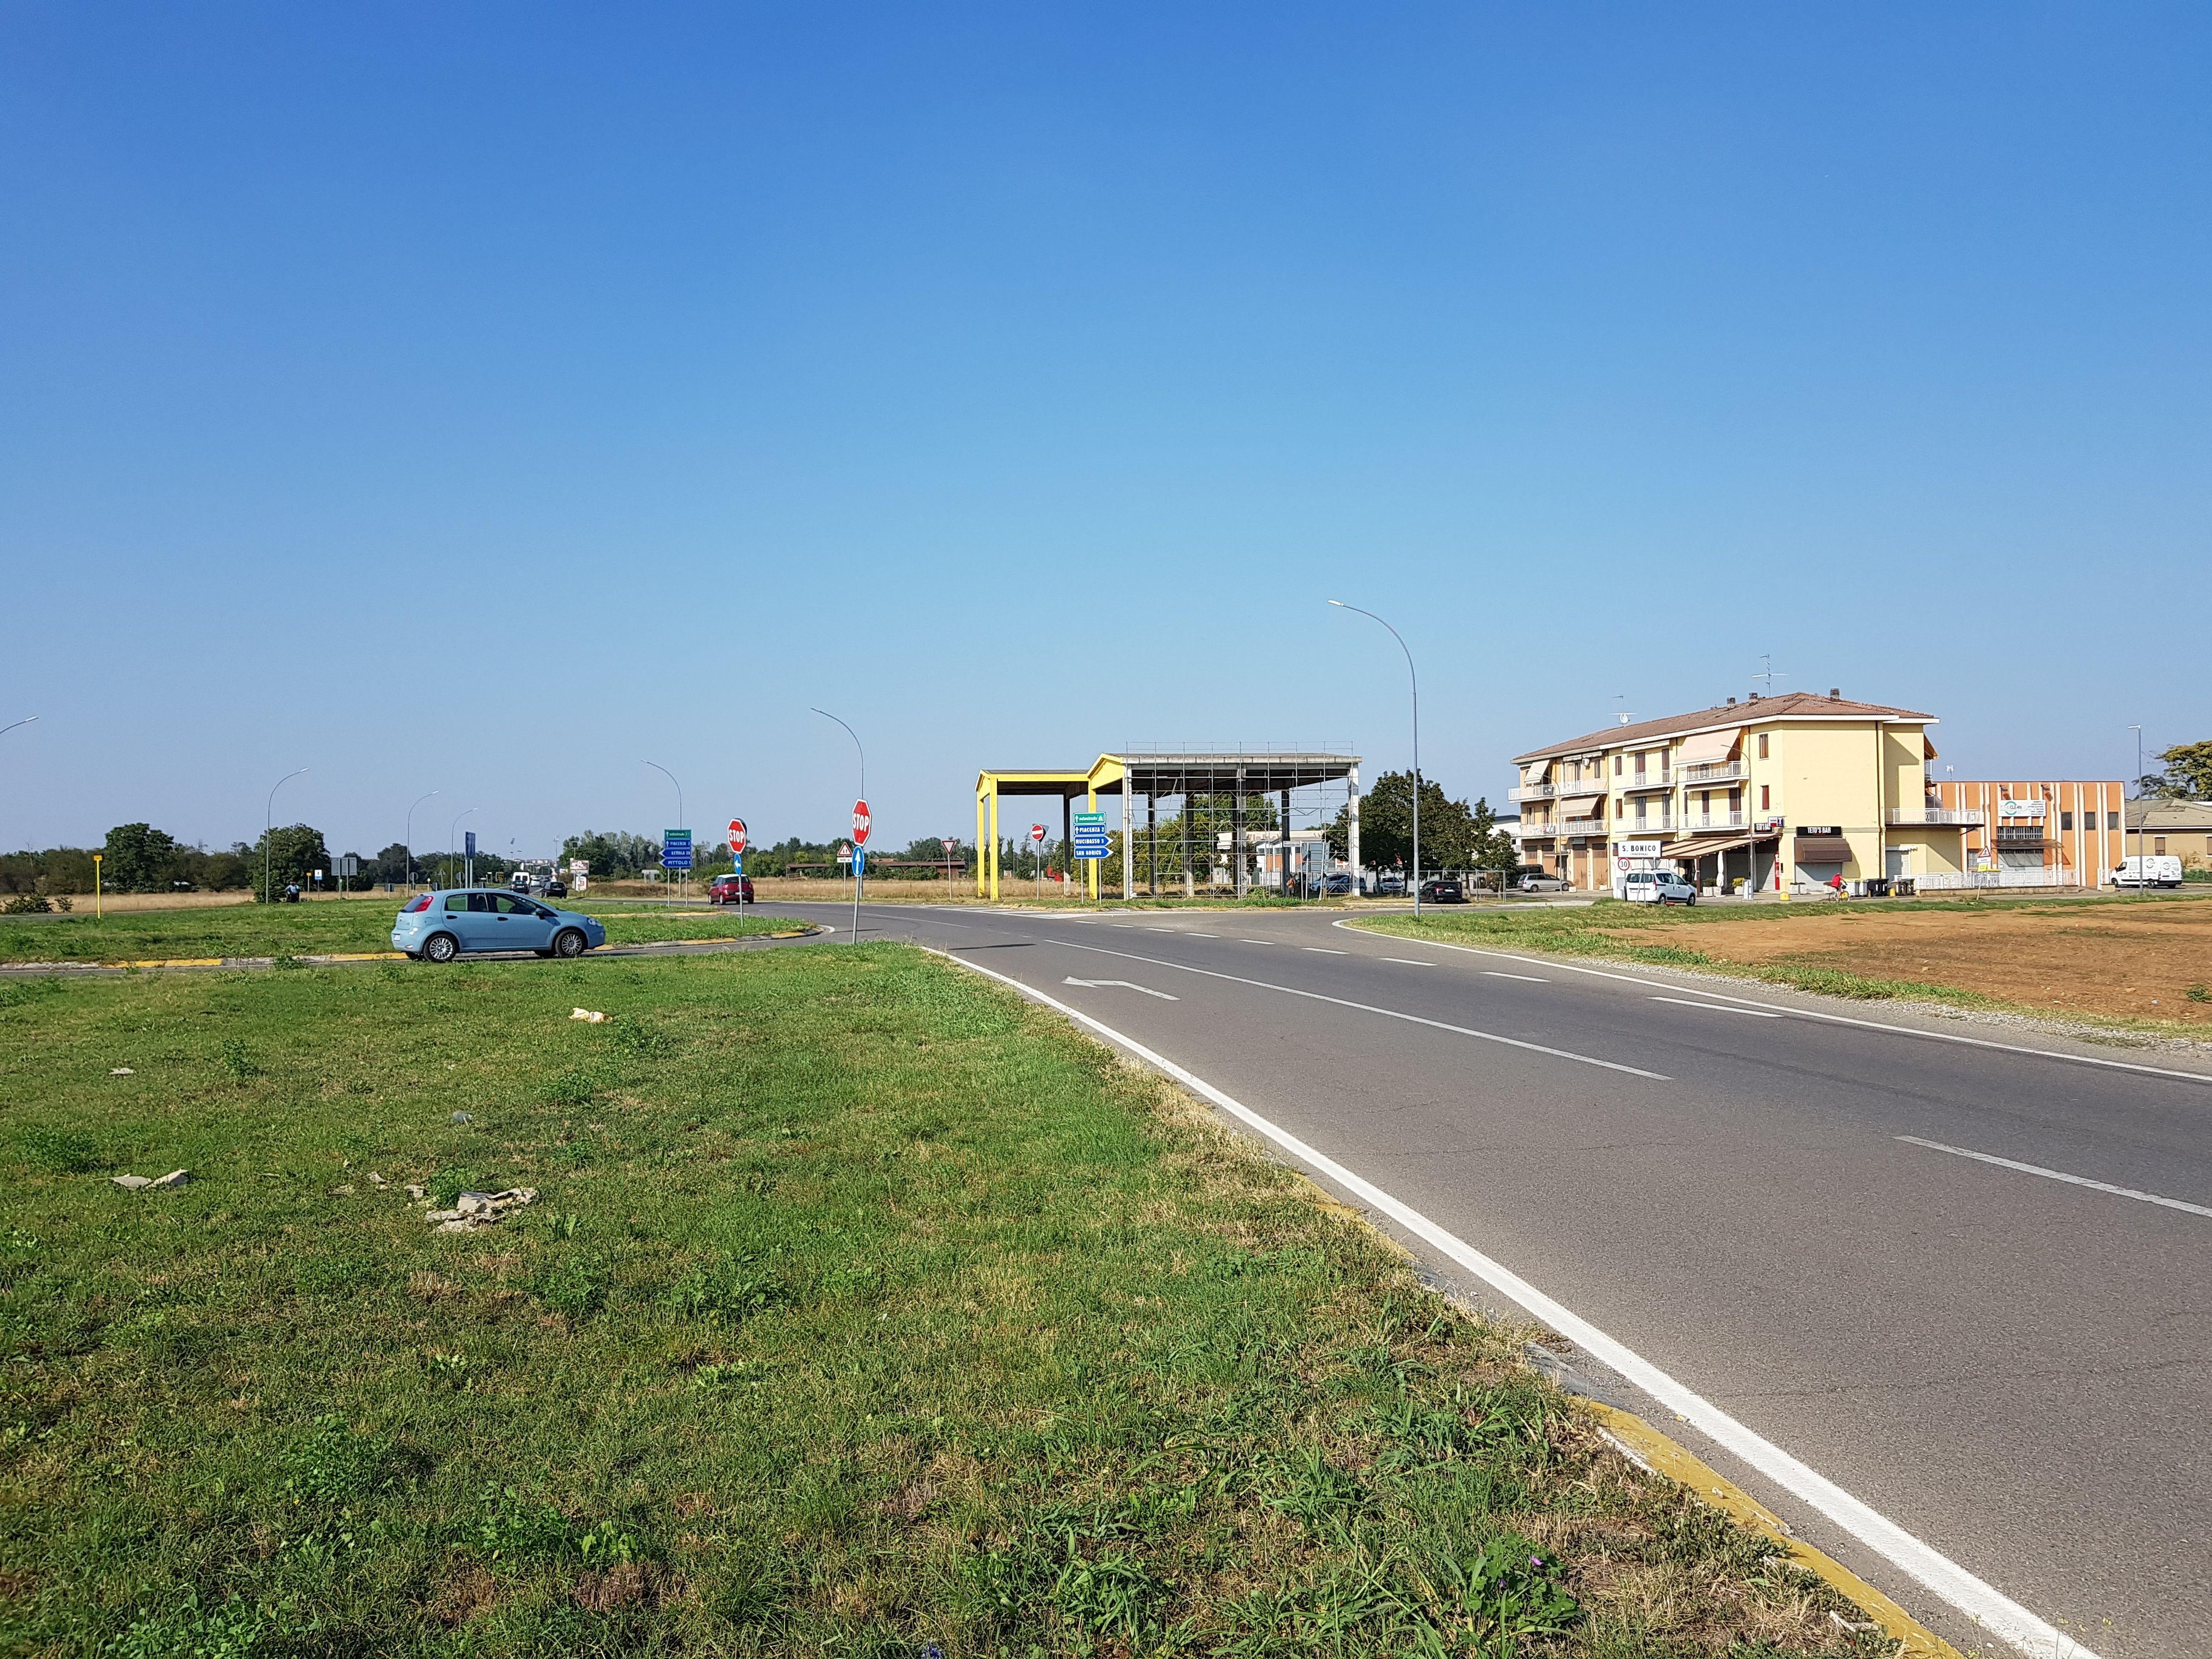 Terreno uso commerciale affitto a Piacenza